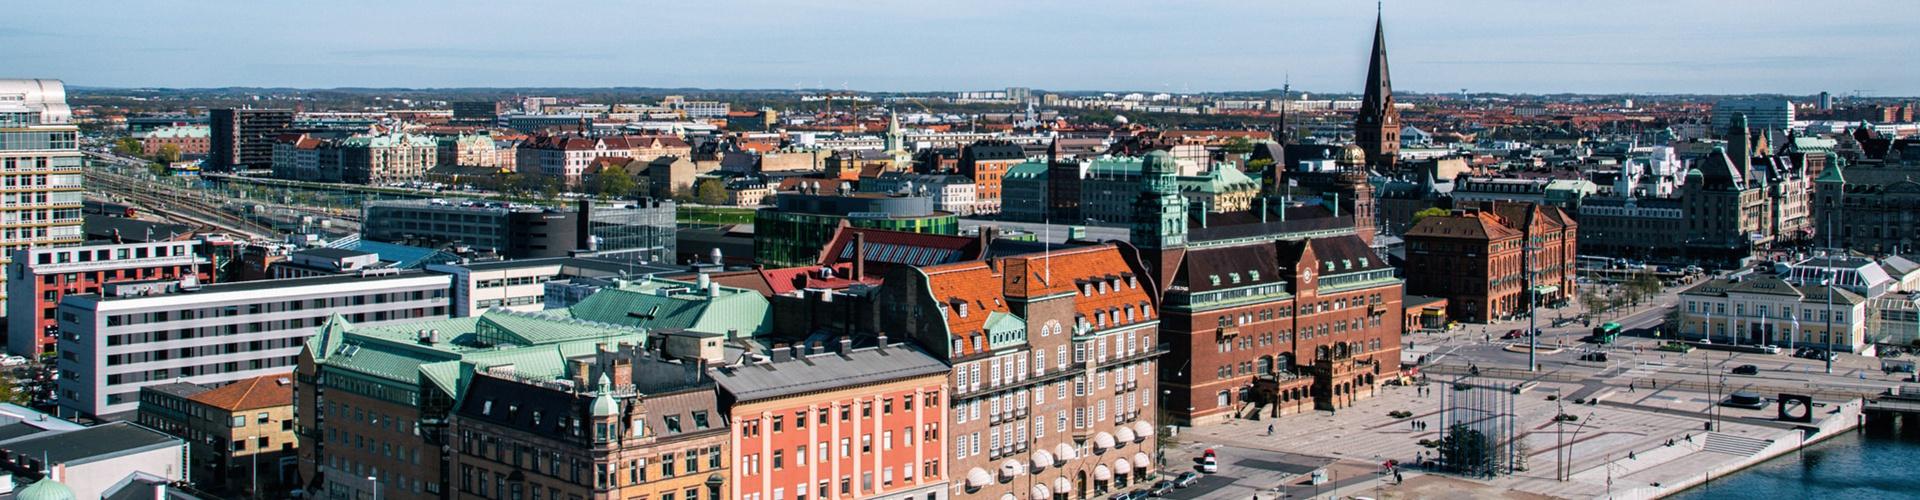 瑞典移民_瑞典雇主担保移民_入籍条件|政策